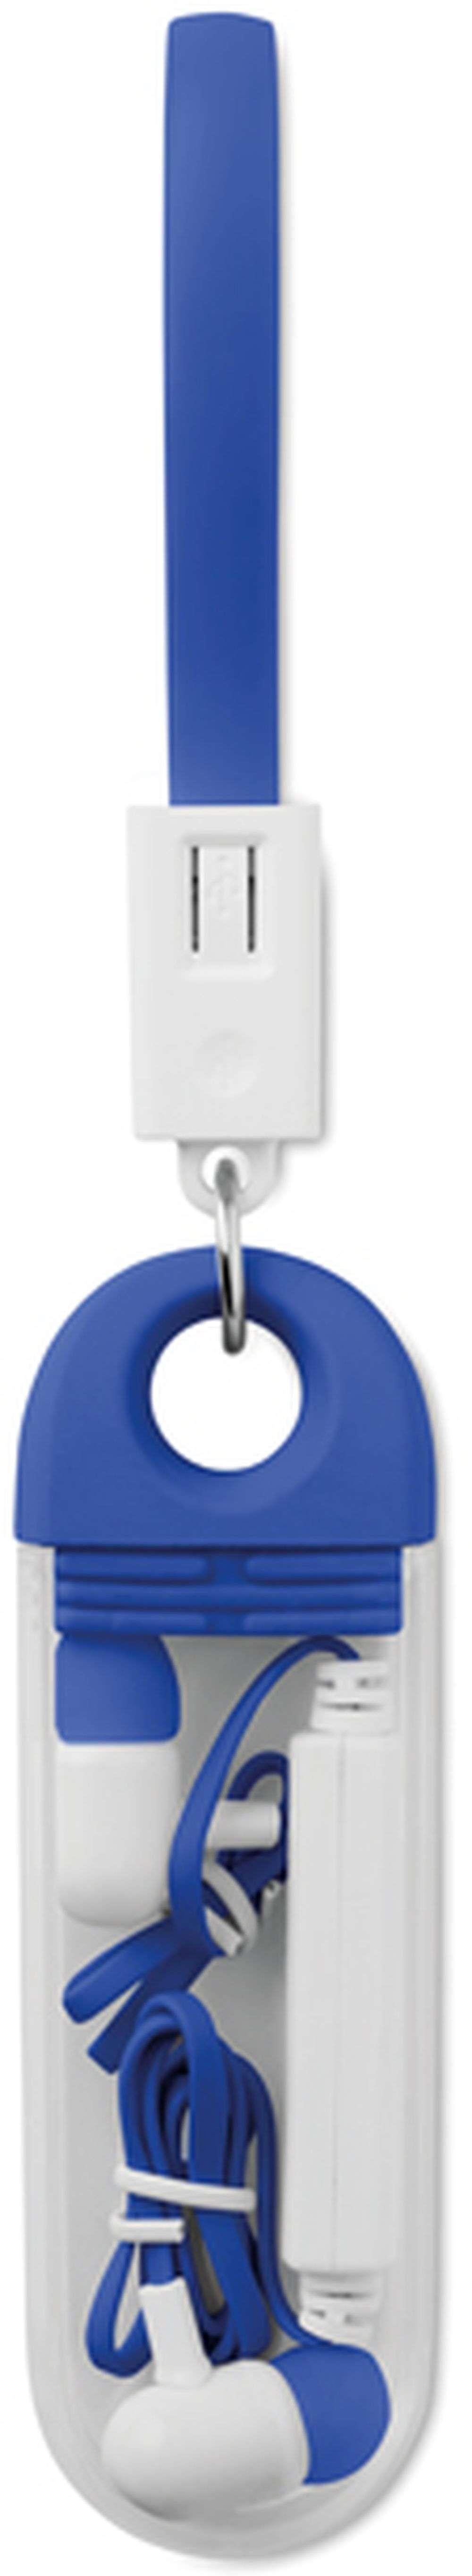 4.2 Bluetooth sluchátka s mikrofonem